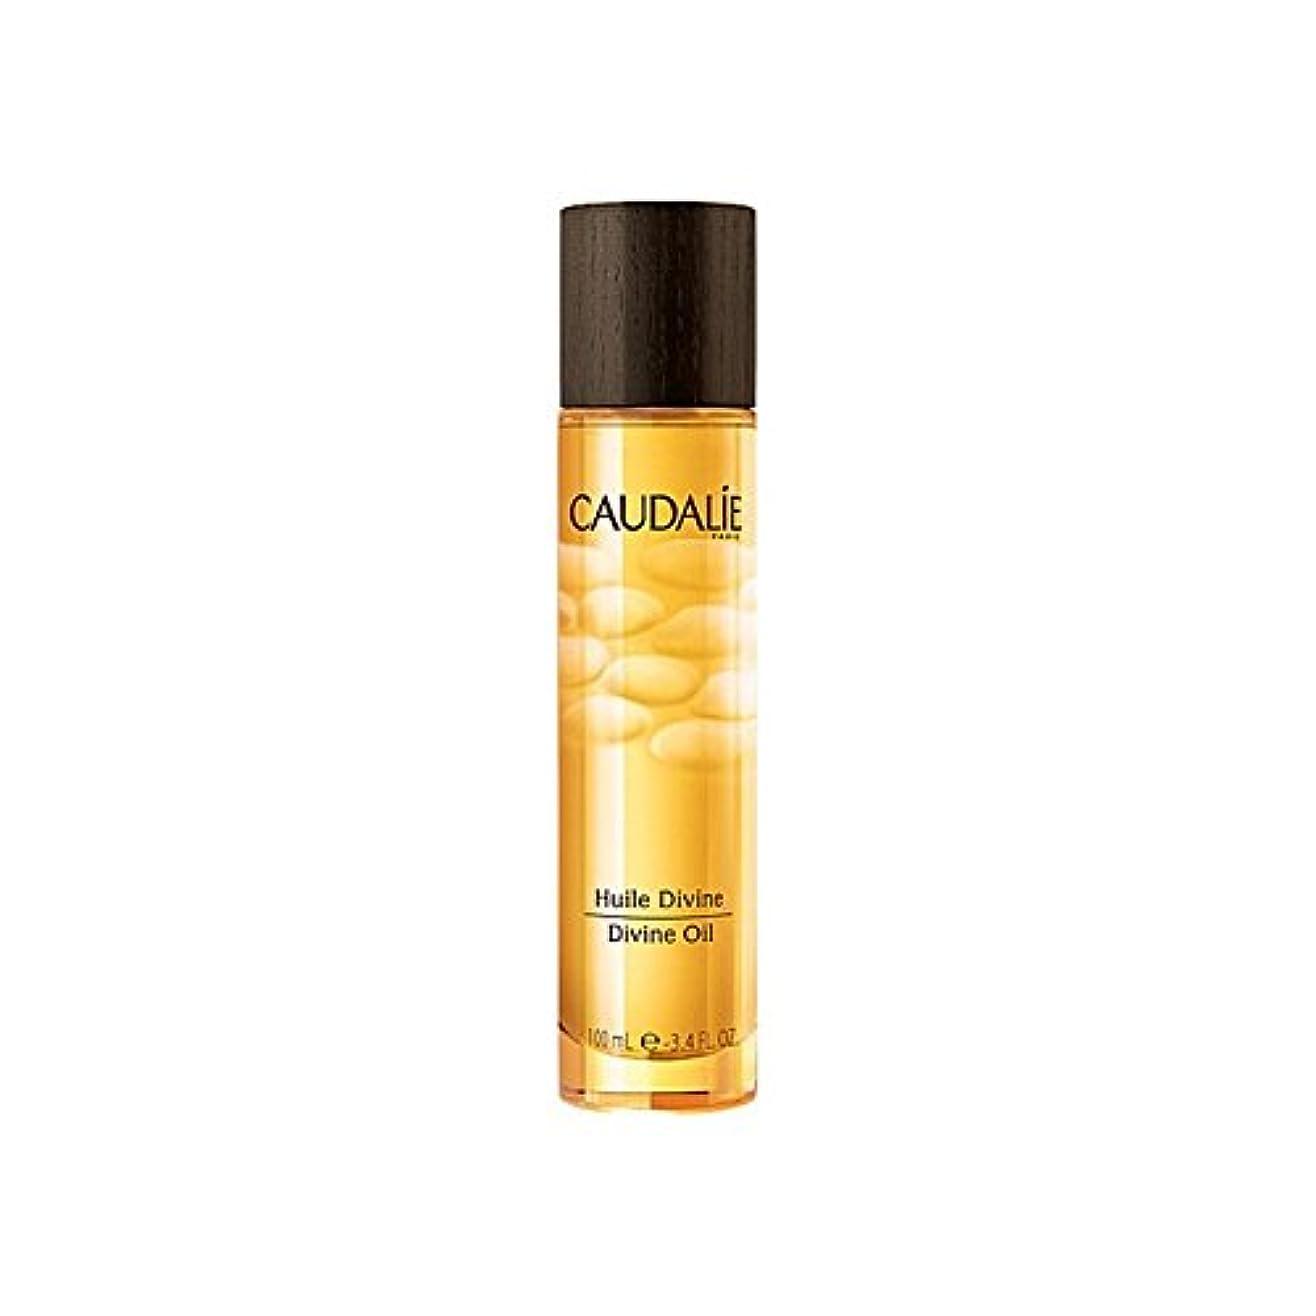 コーダリー神のオイル100ミリリットル x4 - Caudalie Divine Oil 100ml (Pack of 4) [並行輸入品]